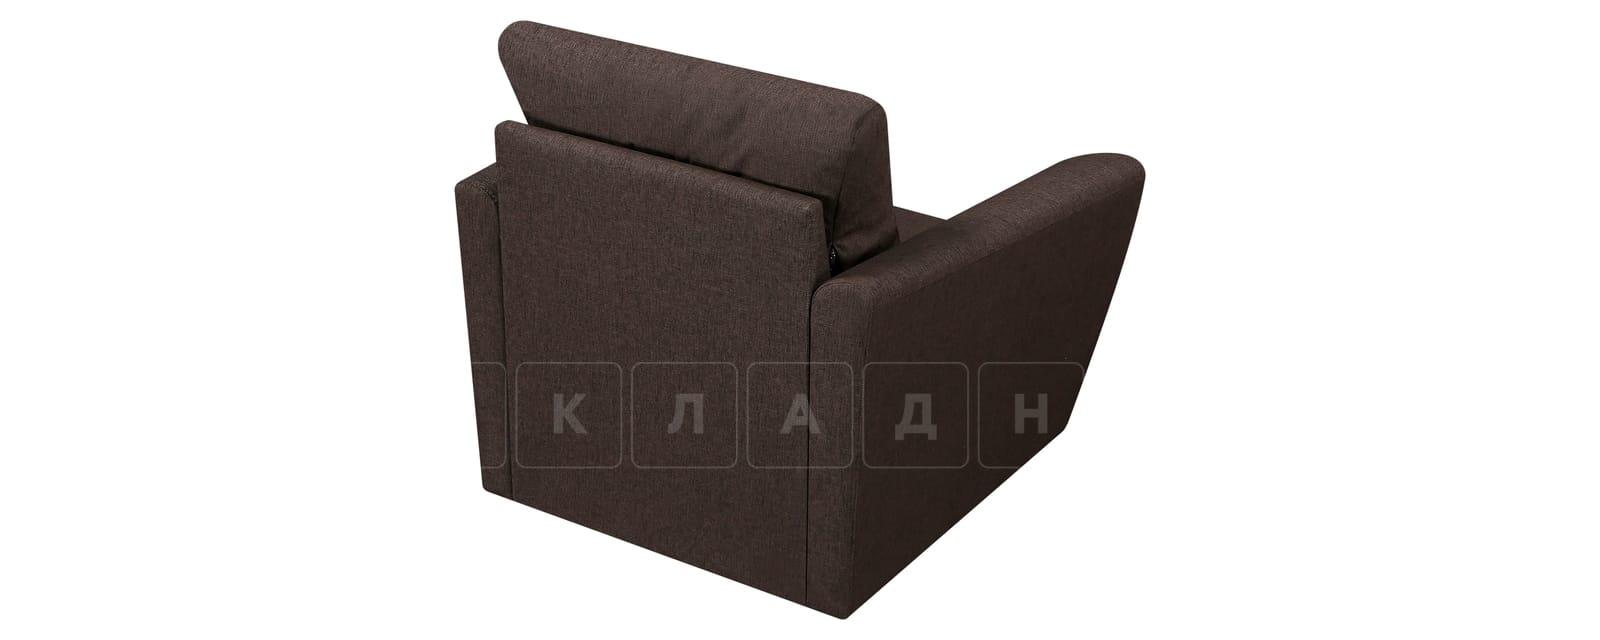 Кресло Амстердам коричневого цвета фото 3 | интернет-магазин Складно